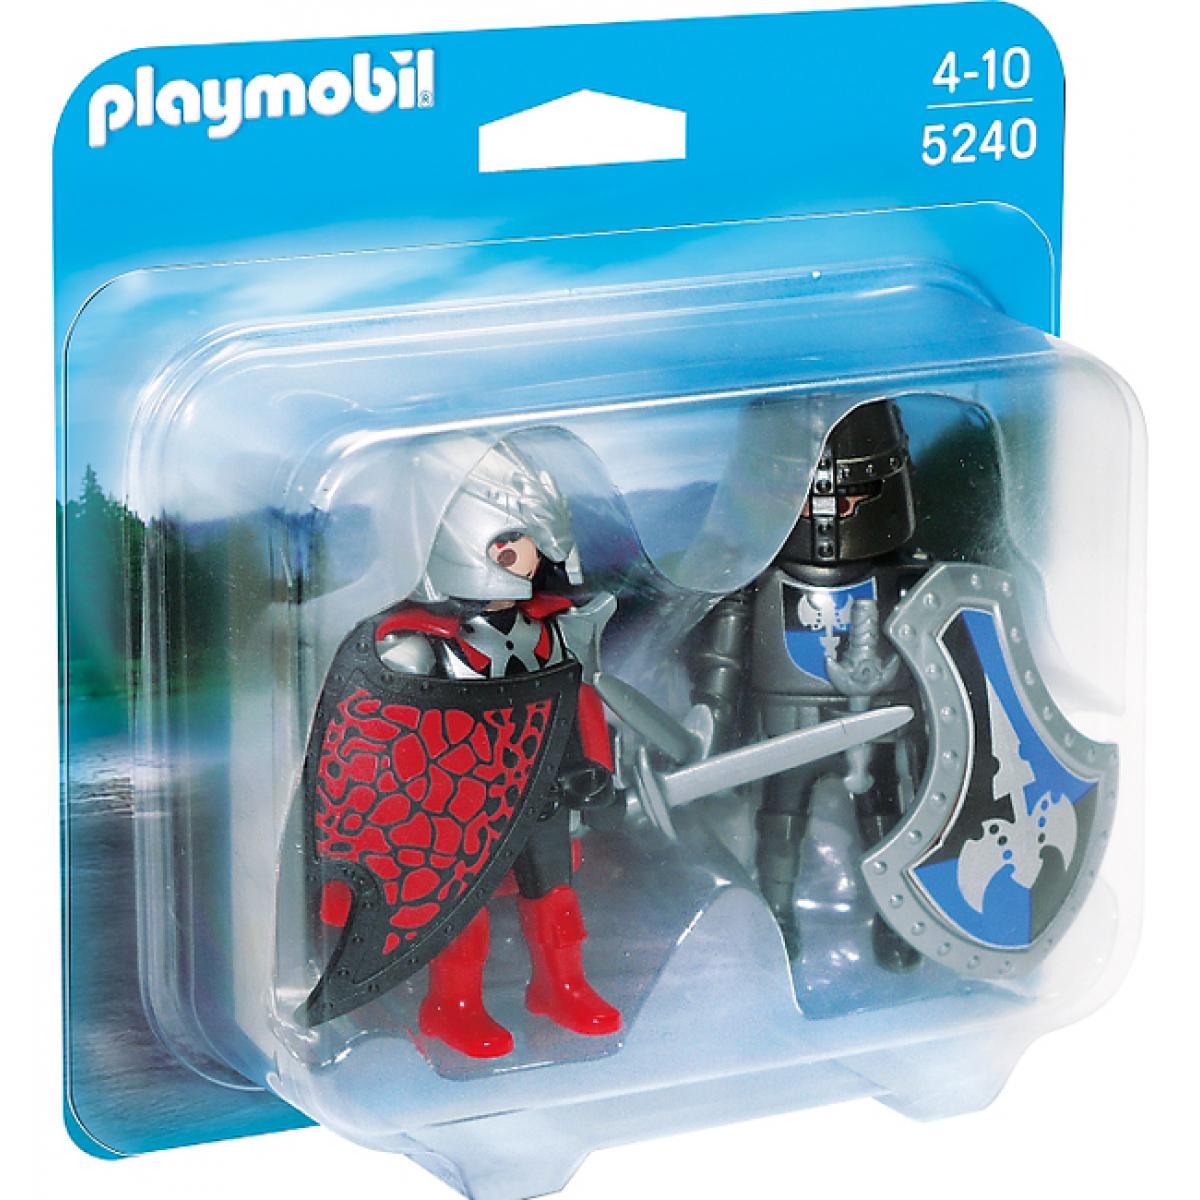 Playmobil 5240 Duo Pack Rytířský souboj